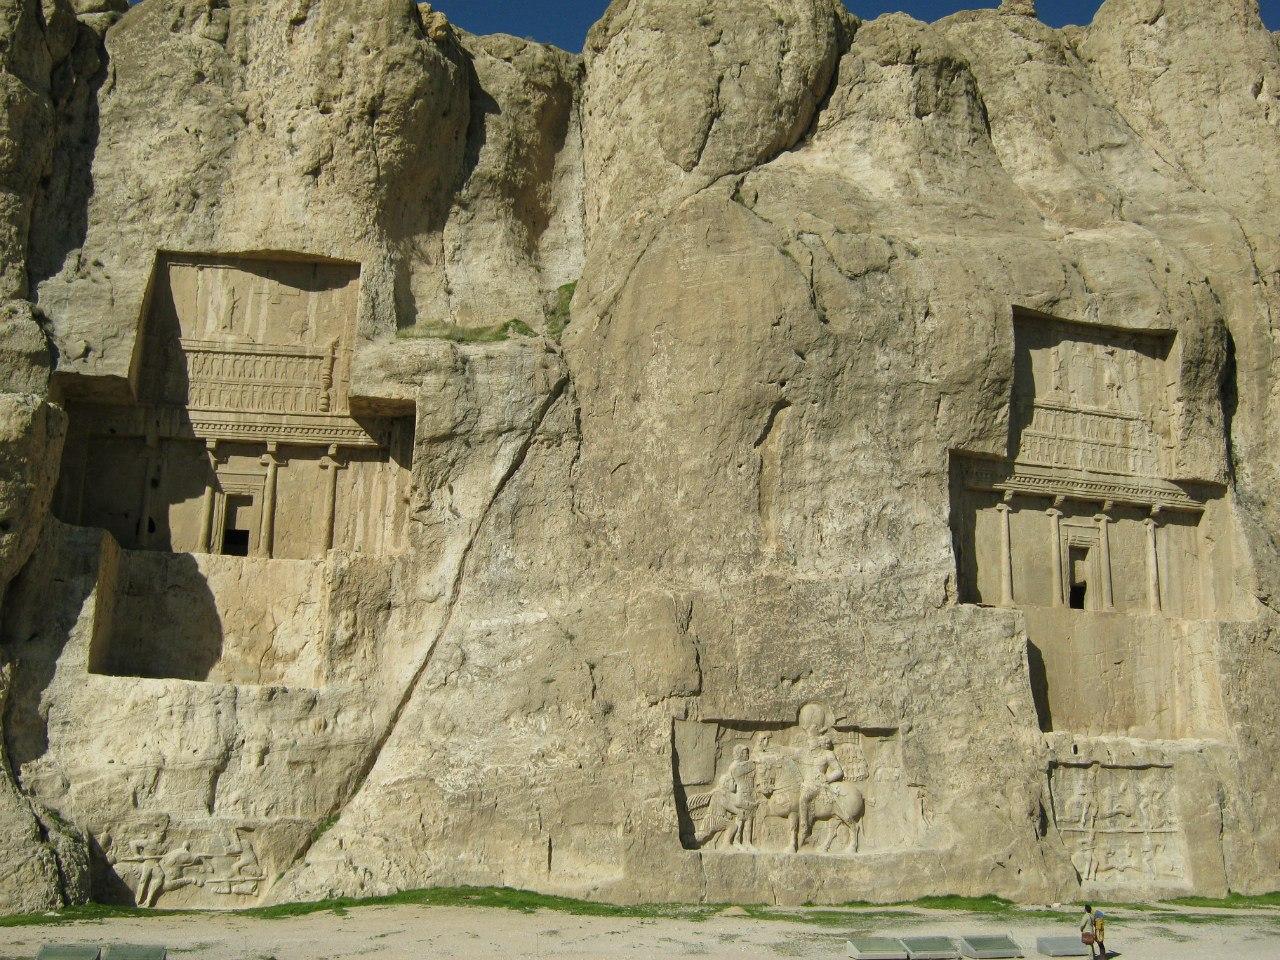 Гробницы Накш-е Рустам в провинции Фарс